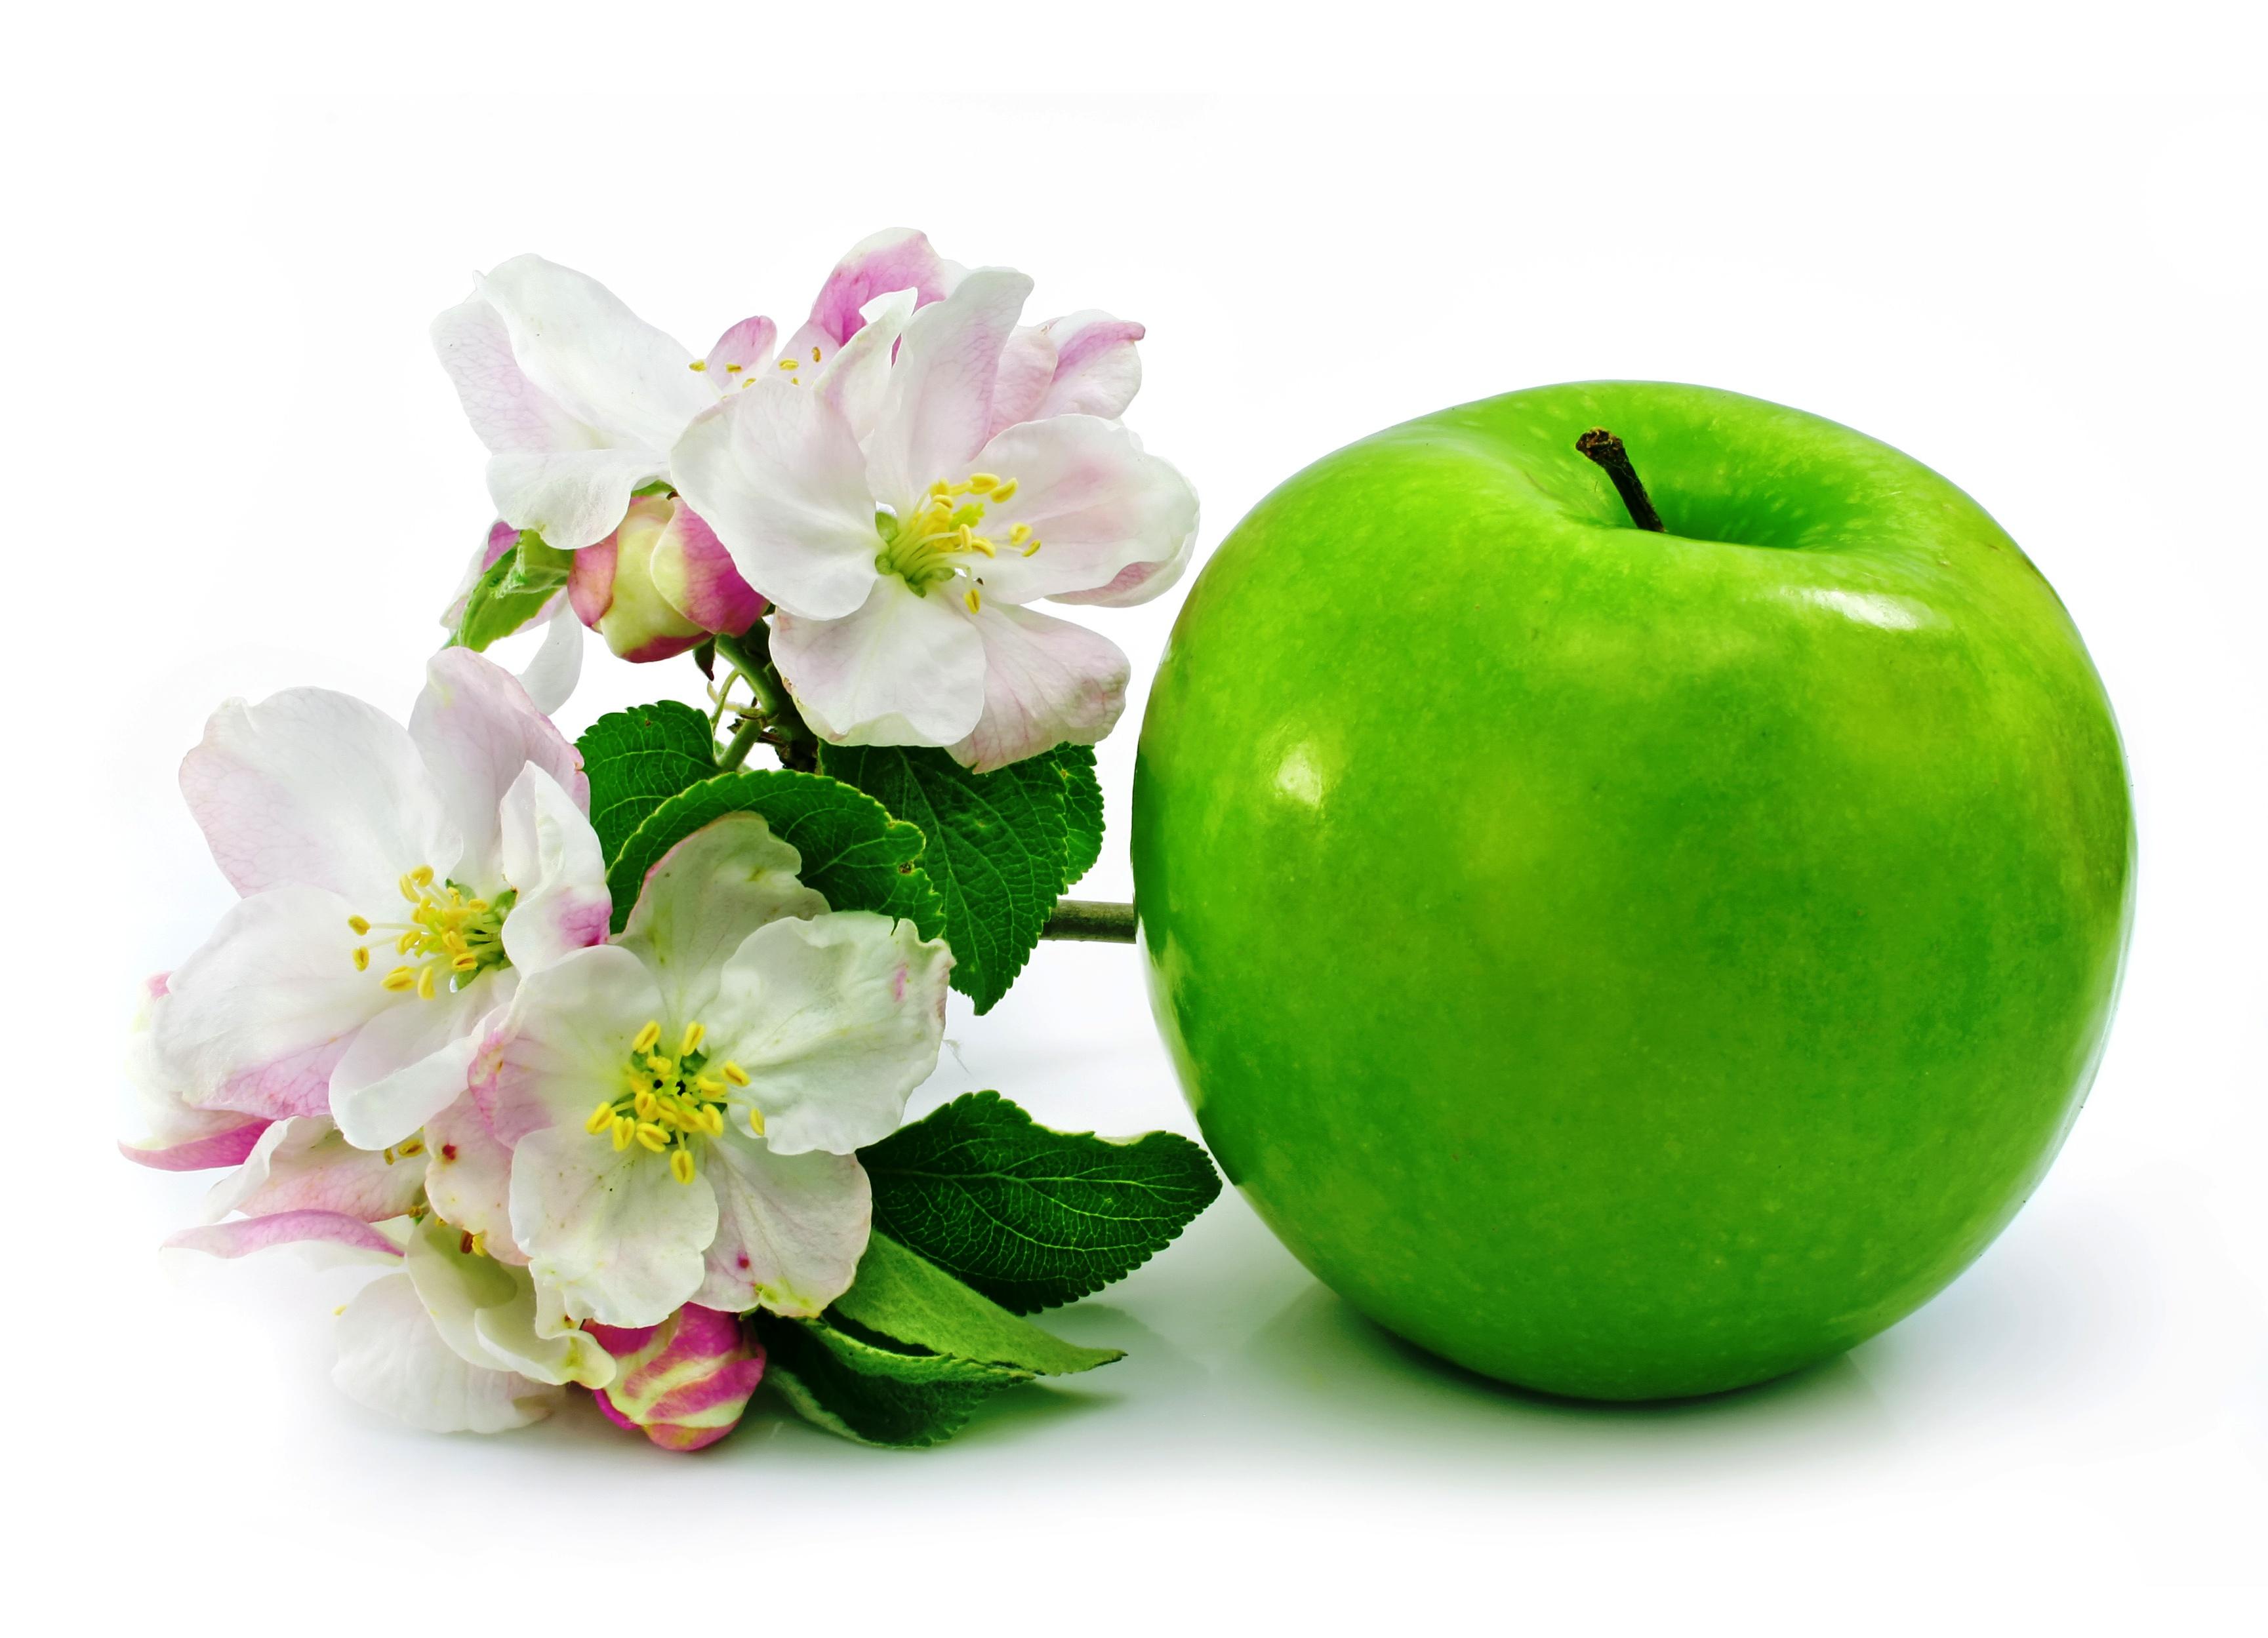 Зеленые яблоки при беременности: можно ли, полезные свойства и противопоказания